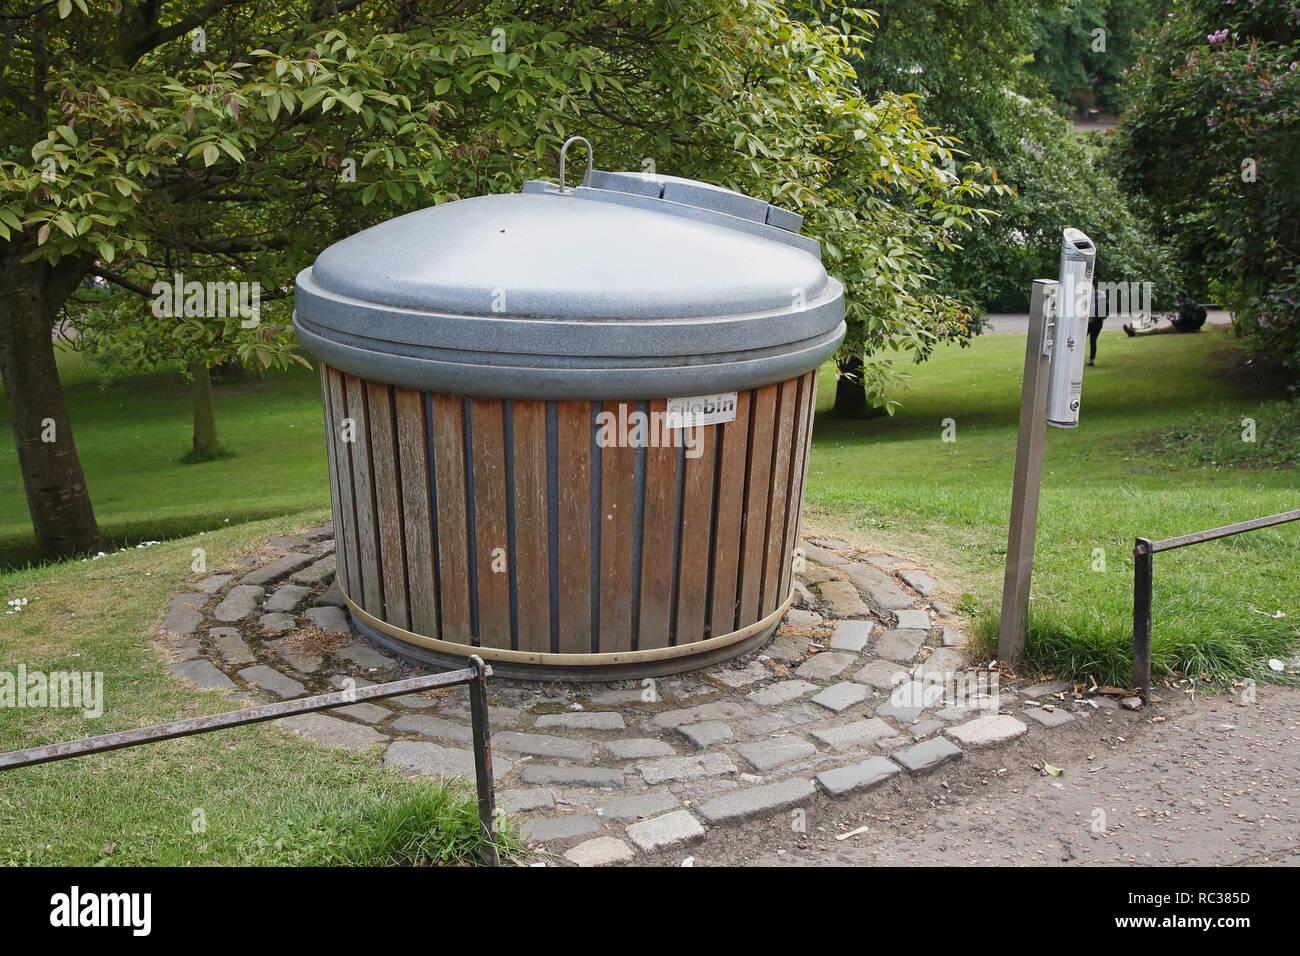 Innovadora papelera subterráneos en los jardines de Princes Street, Edimburgo, capital de Escocia. Imagen De Stock